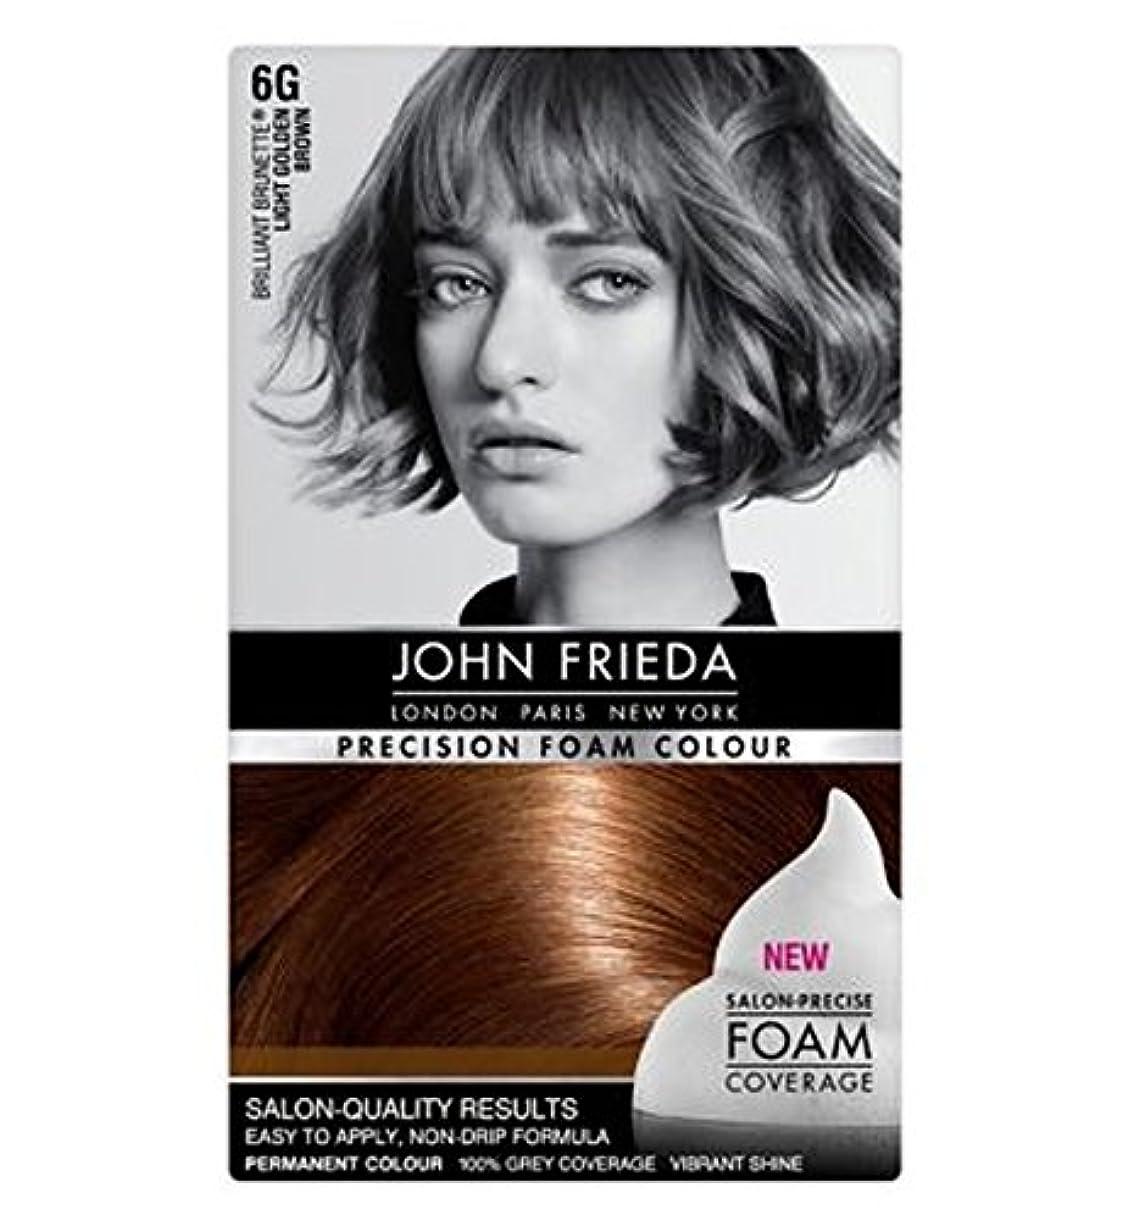 松面白い抜け目のないジョン?フリーダ精密泡カラー6グラムライトゴールデンブラウン (John Frieda) (x2) - John Frieda Precision Foam Colour 6G Light Golden Brown (Pack of 2) [並行輸入品]